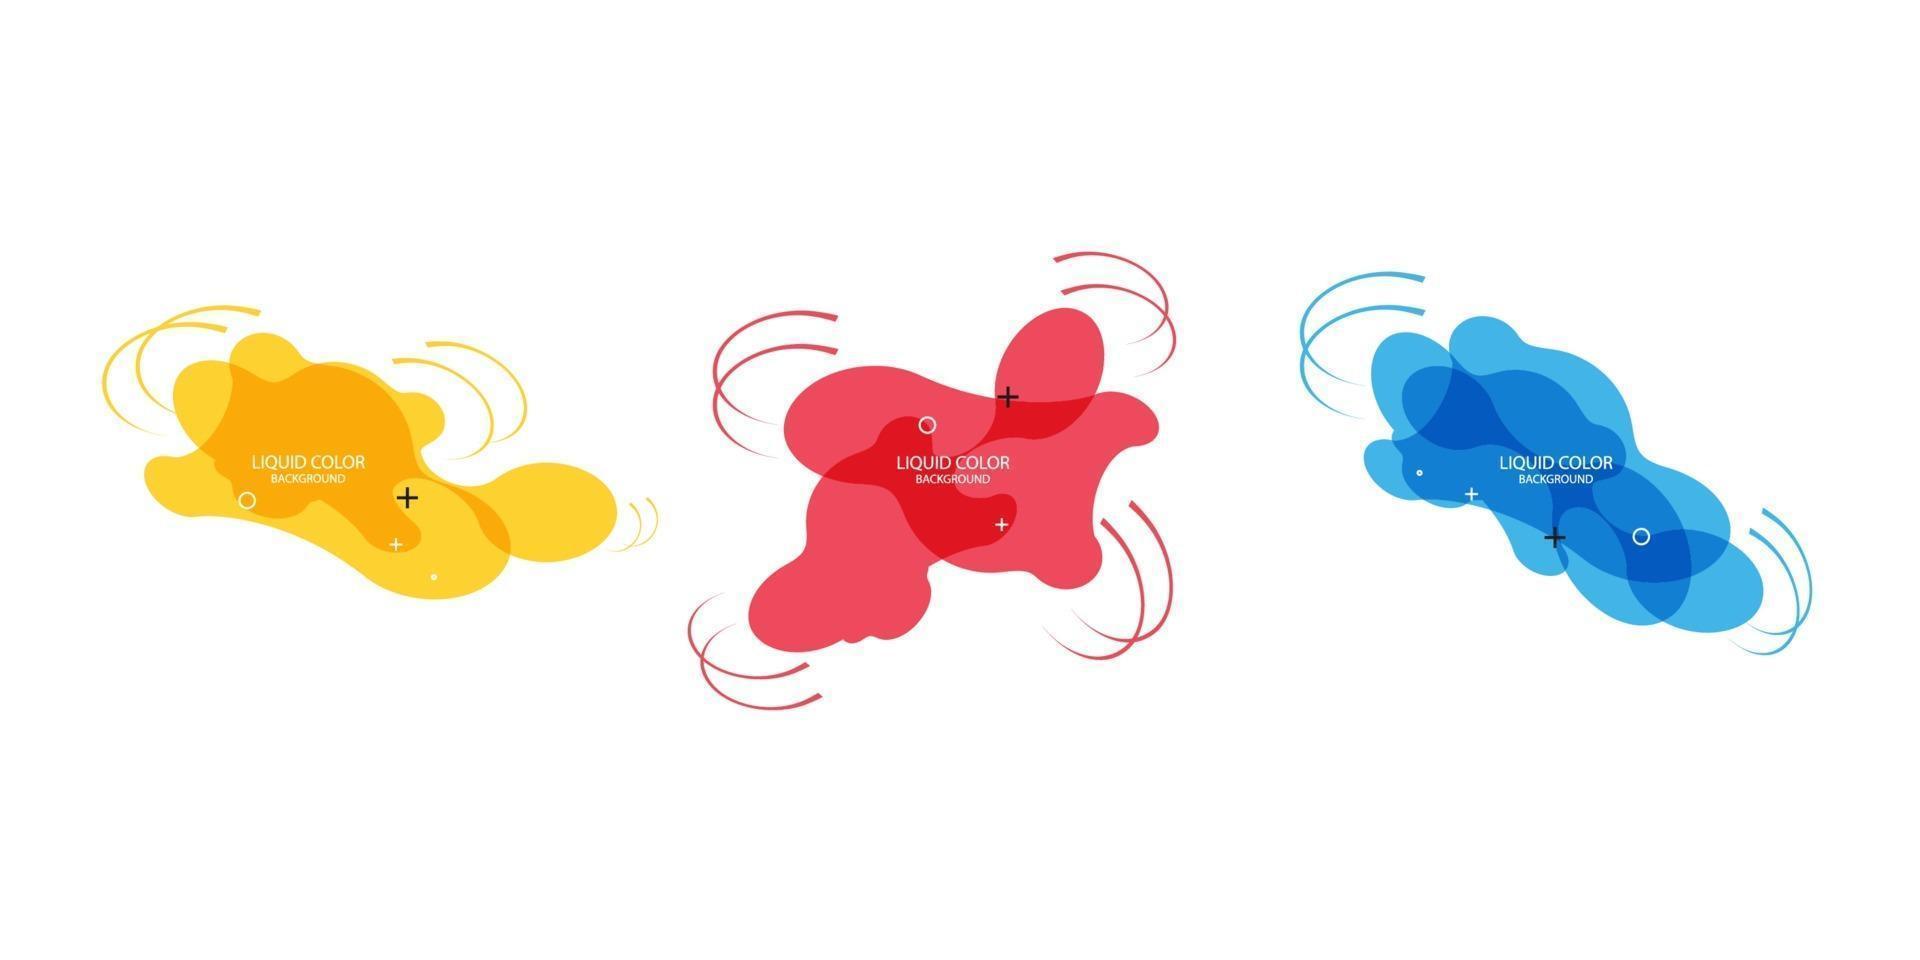 modern abstrakt vektor banneruppsättning. platt geometrisk flytande form med olika färger. modern vektormall, mall för design av en logotyp, flygblad eller presentation. abstrakta geometriska former